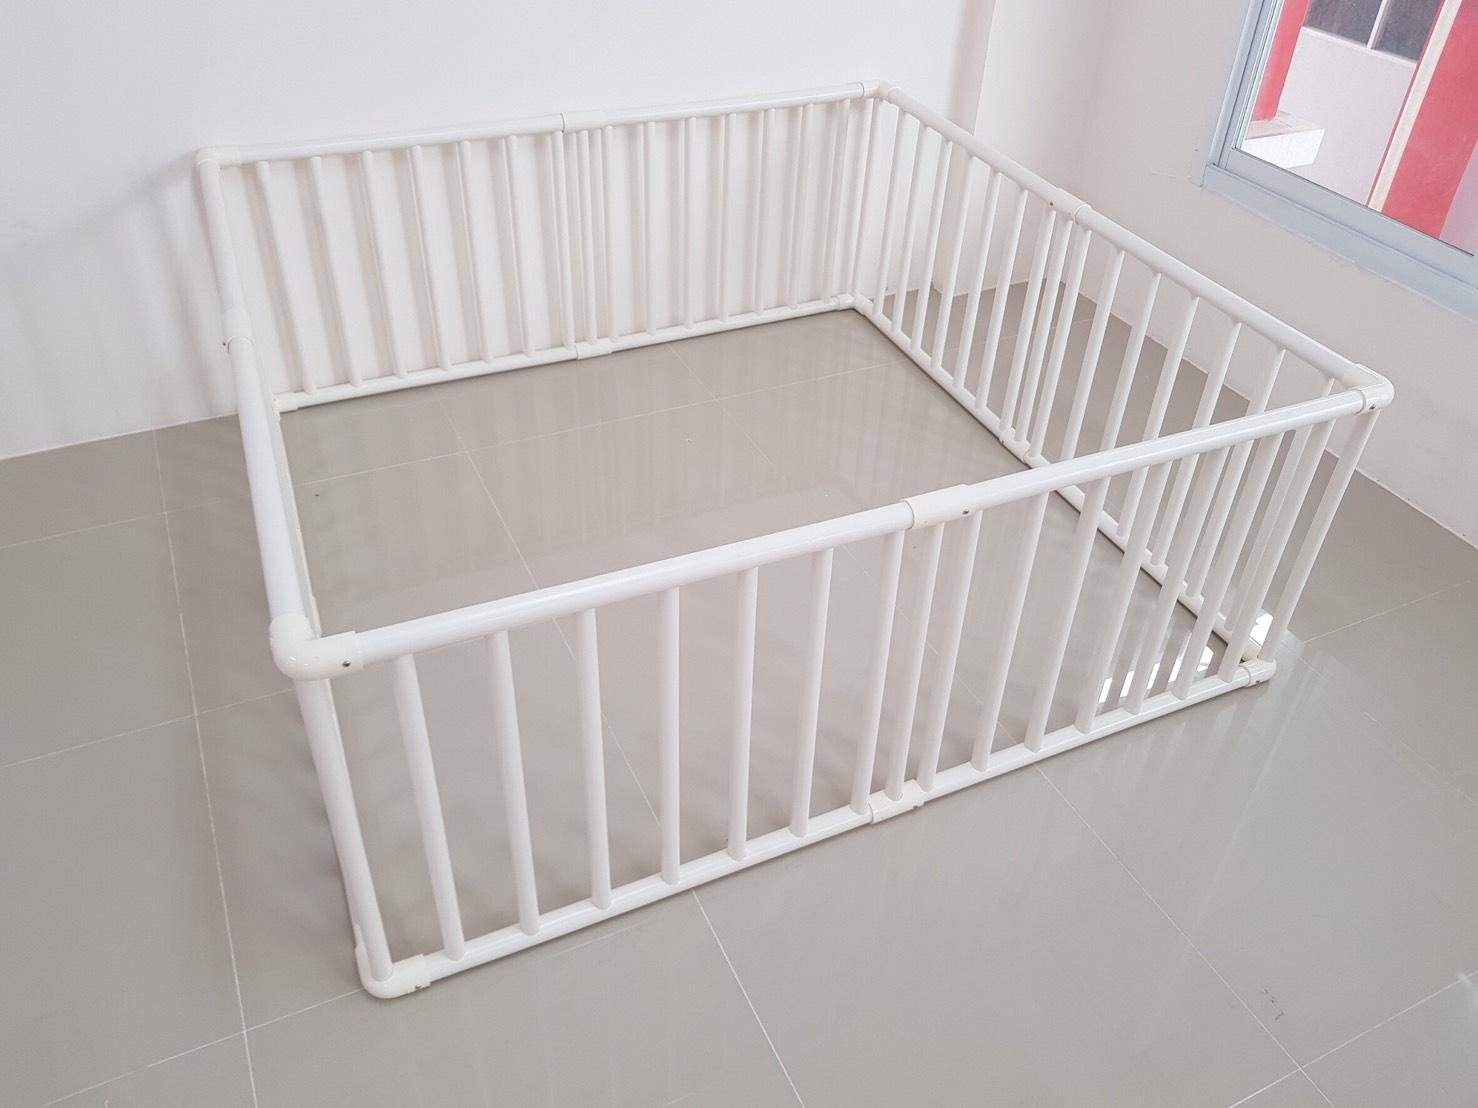 คอกกั้นเด็ก PVC ขนาด 150x150 cm ไม่มีประตู